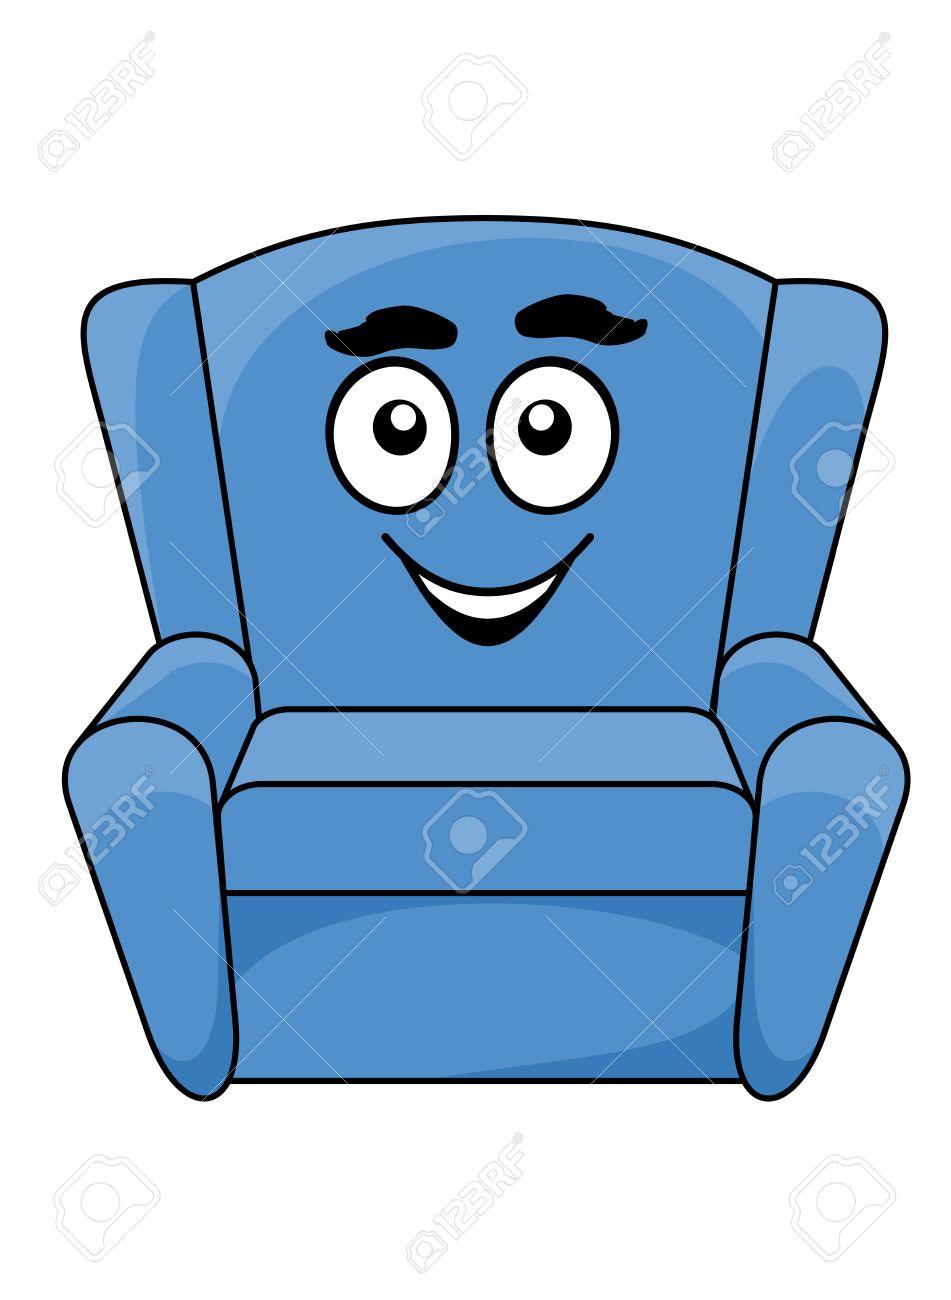 Sessel clipart  Bequeme Polster Blaue Sessel Mit Einem Glücklichen Lächelnden ...